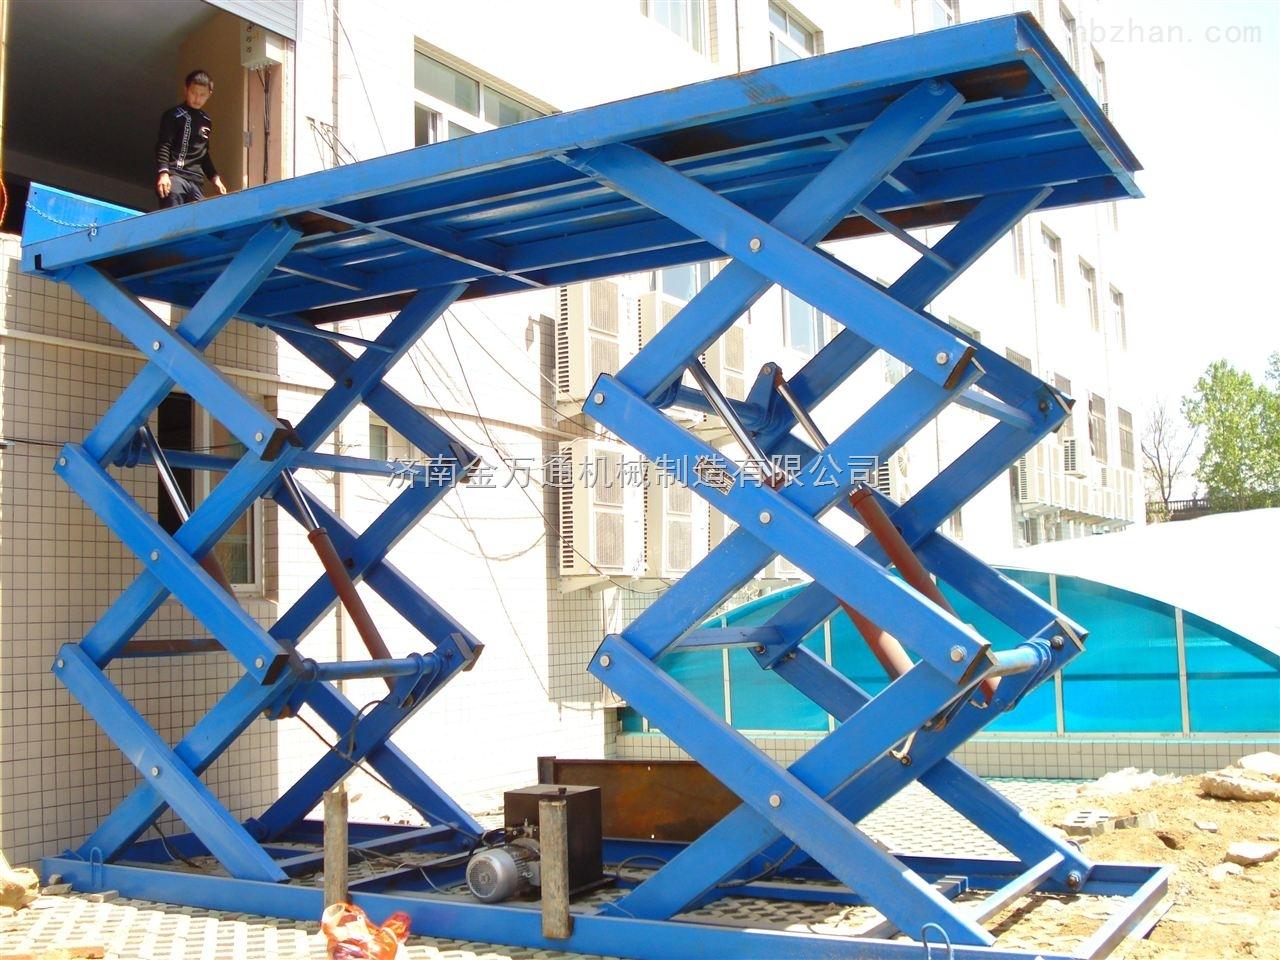 3 供应黑龙江汽车升降机,双体剪叉式升降机.